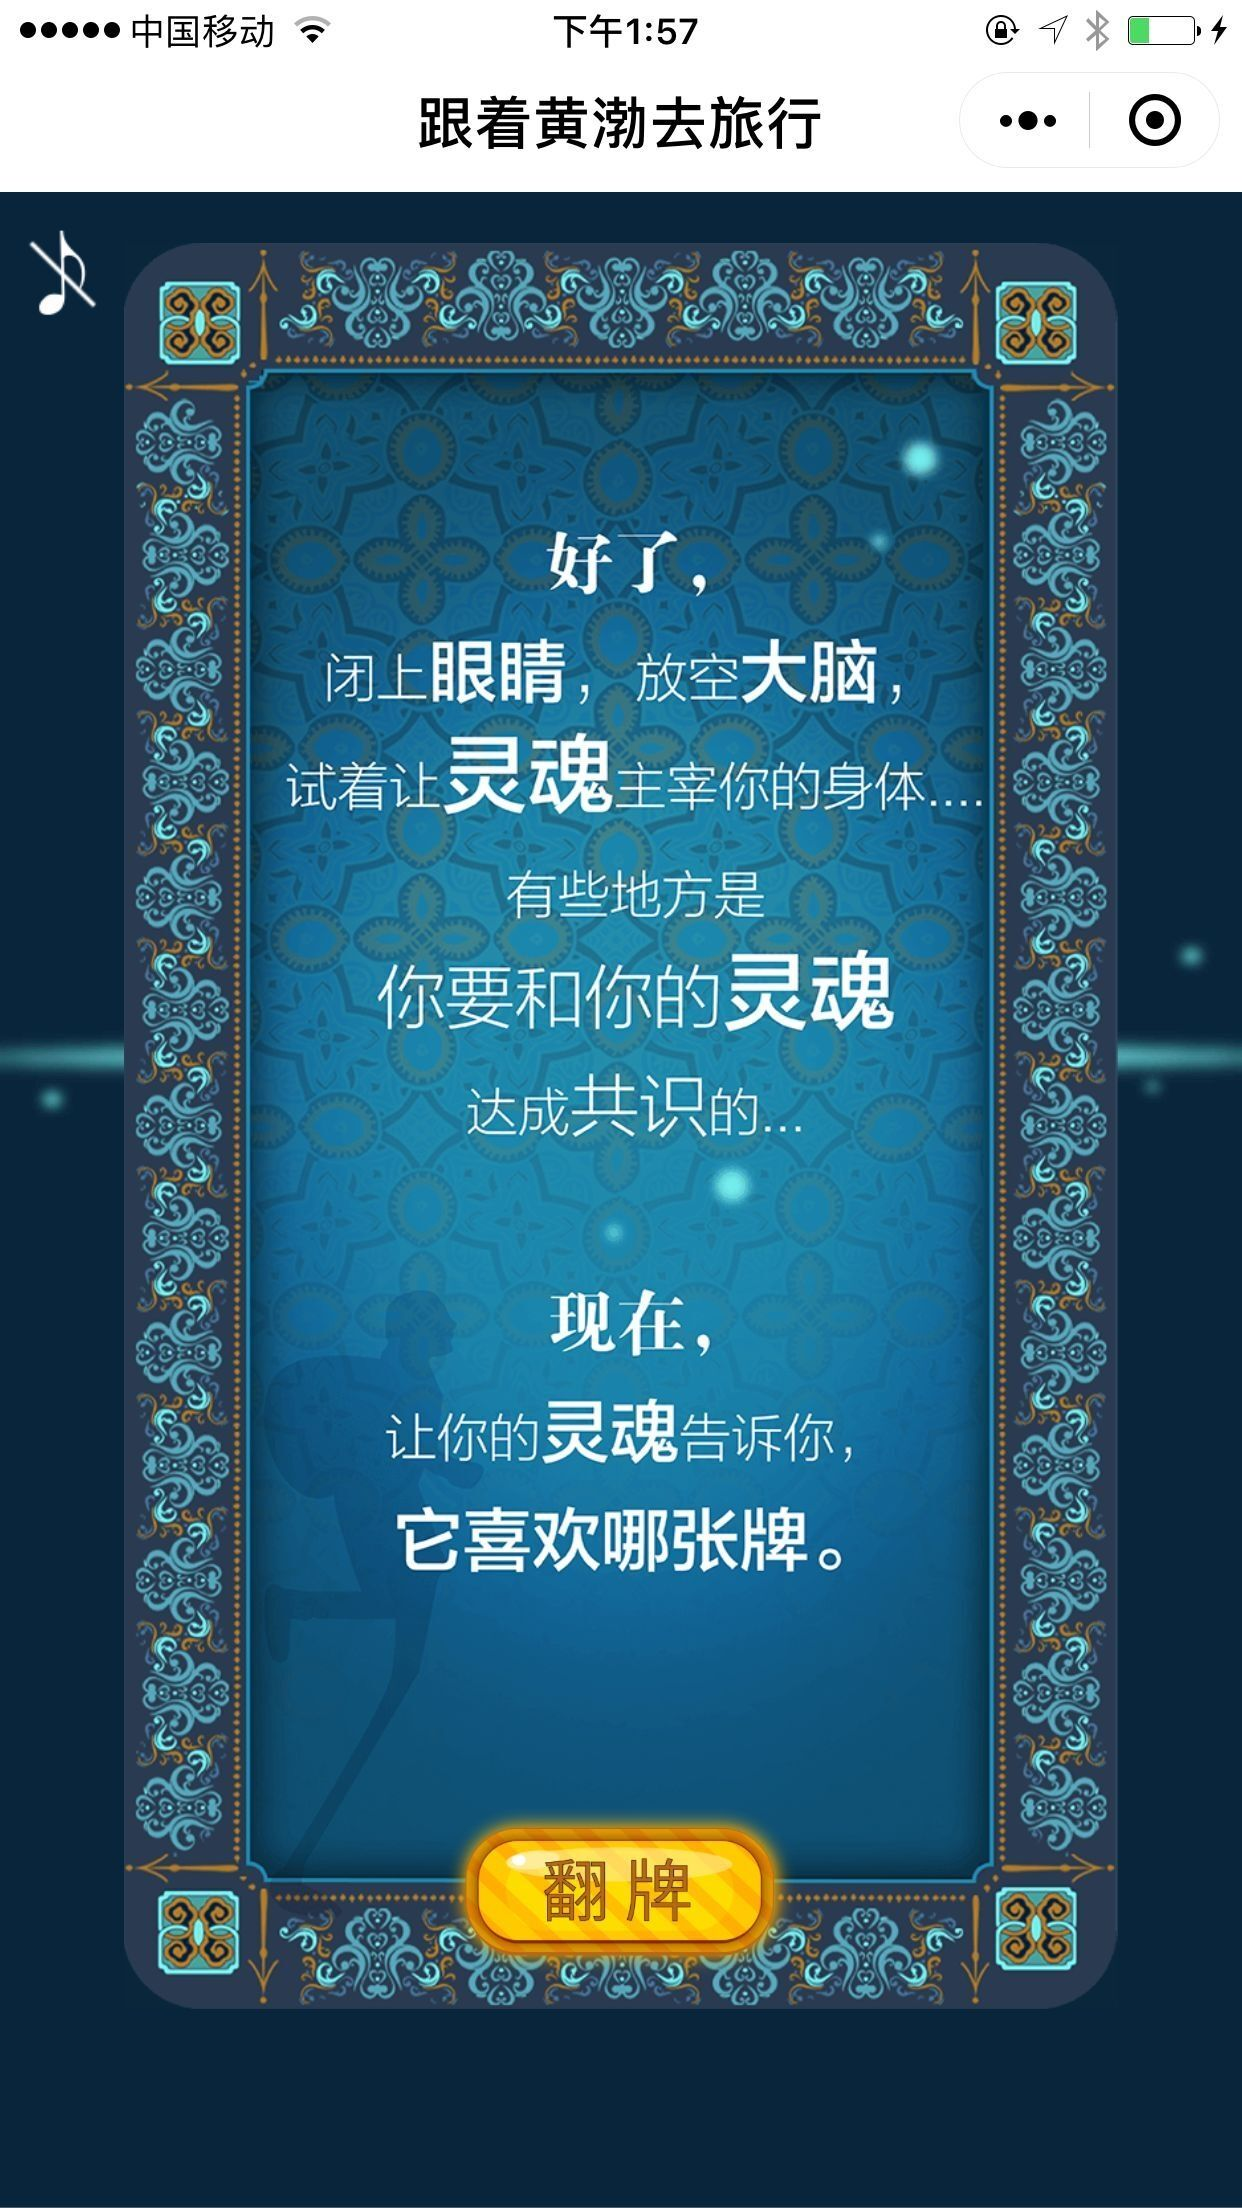 携程×本邦:打开H5,跟随黄渤去旅行